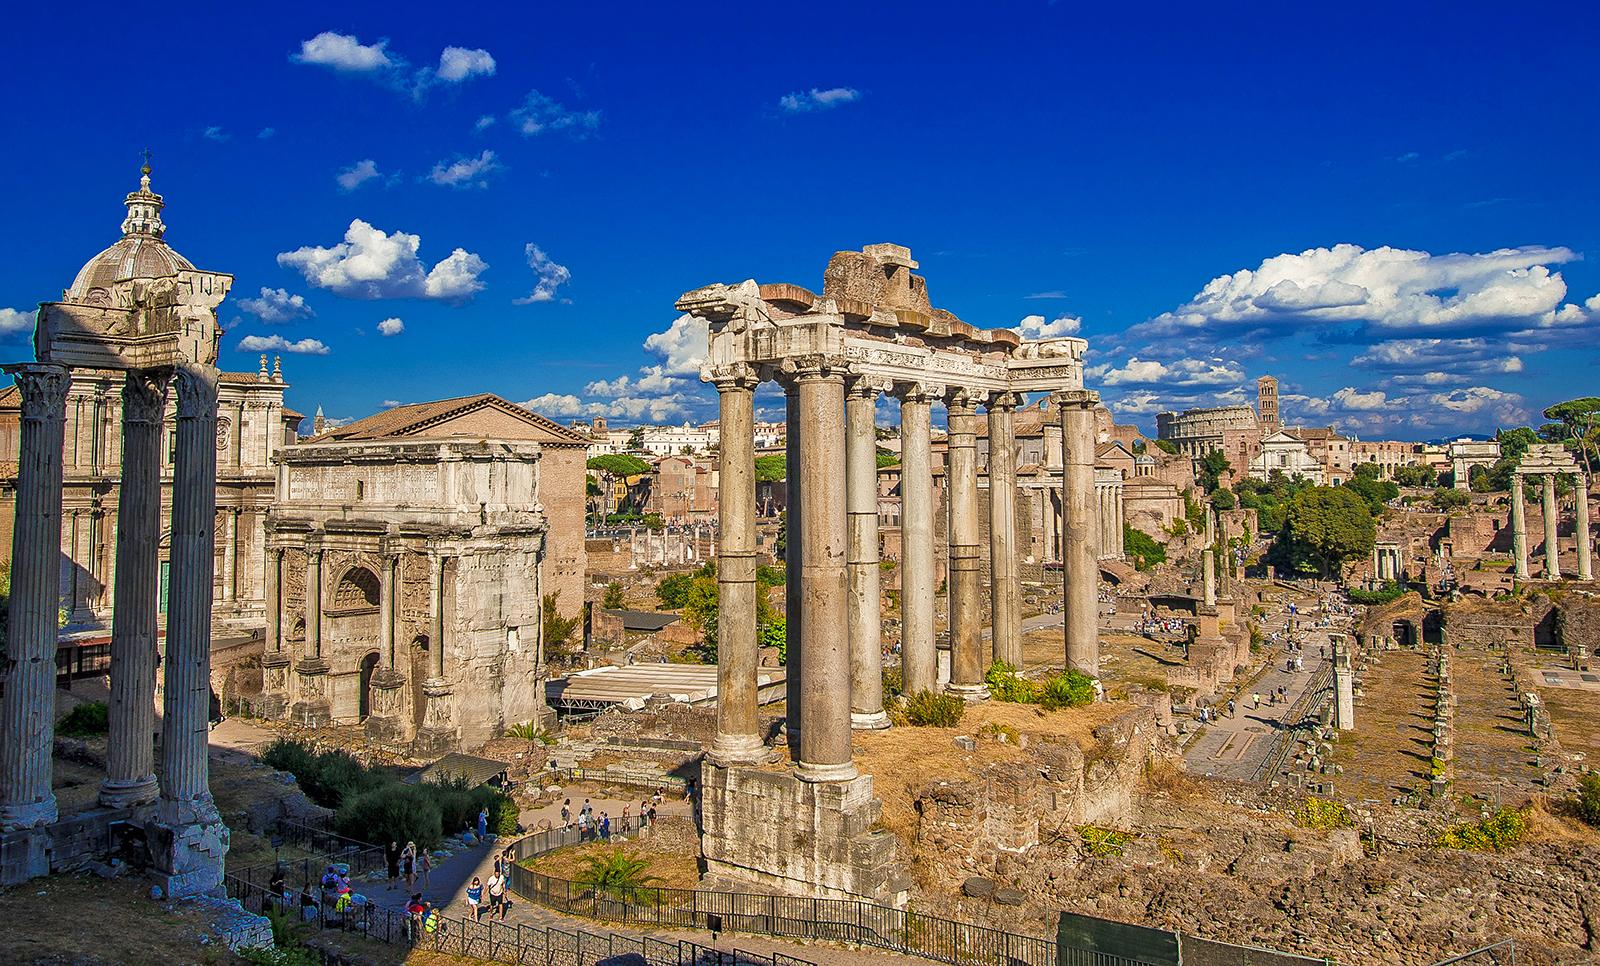 建築07 ローマ建築 , ART+LOGIC\u003dTRAVEL [旅を考えるweb]